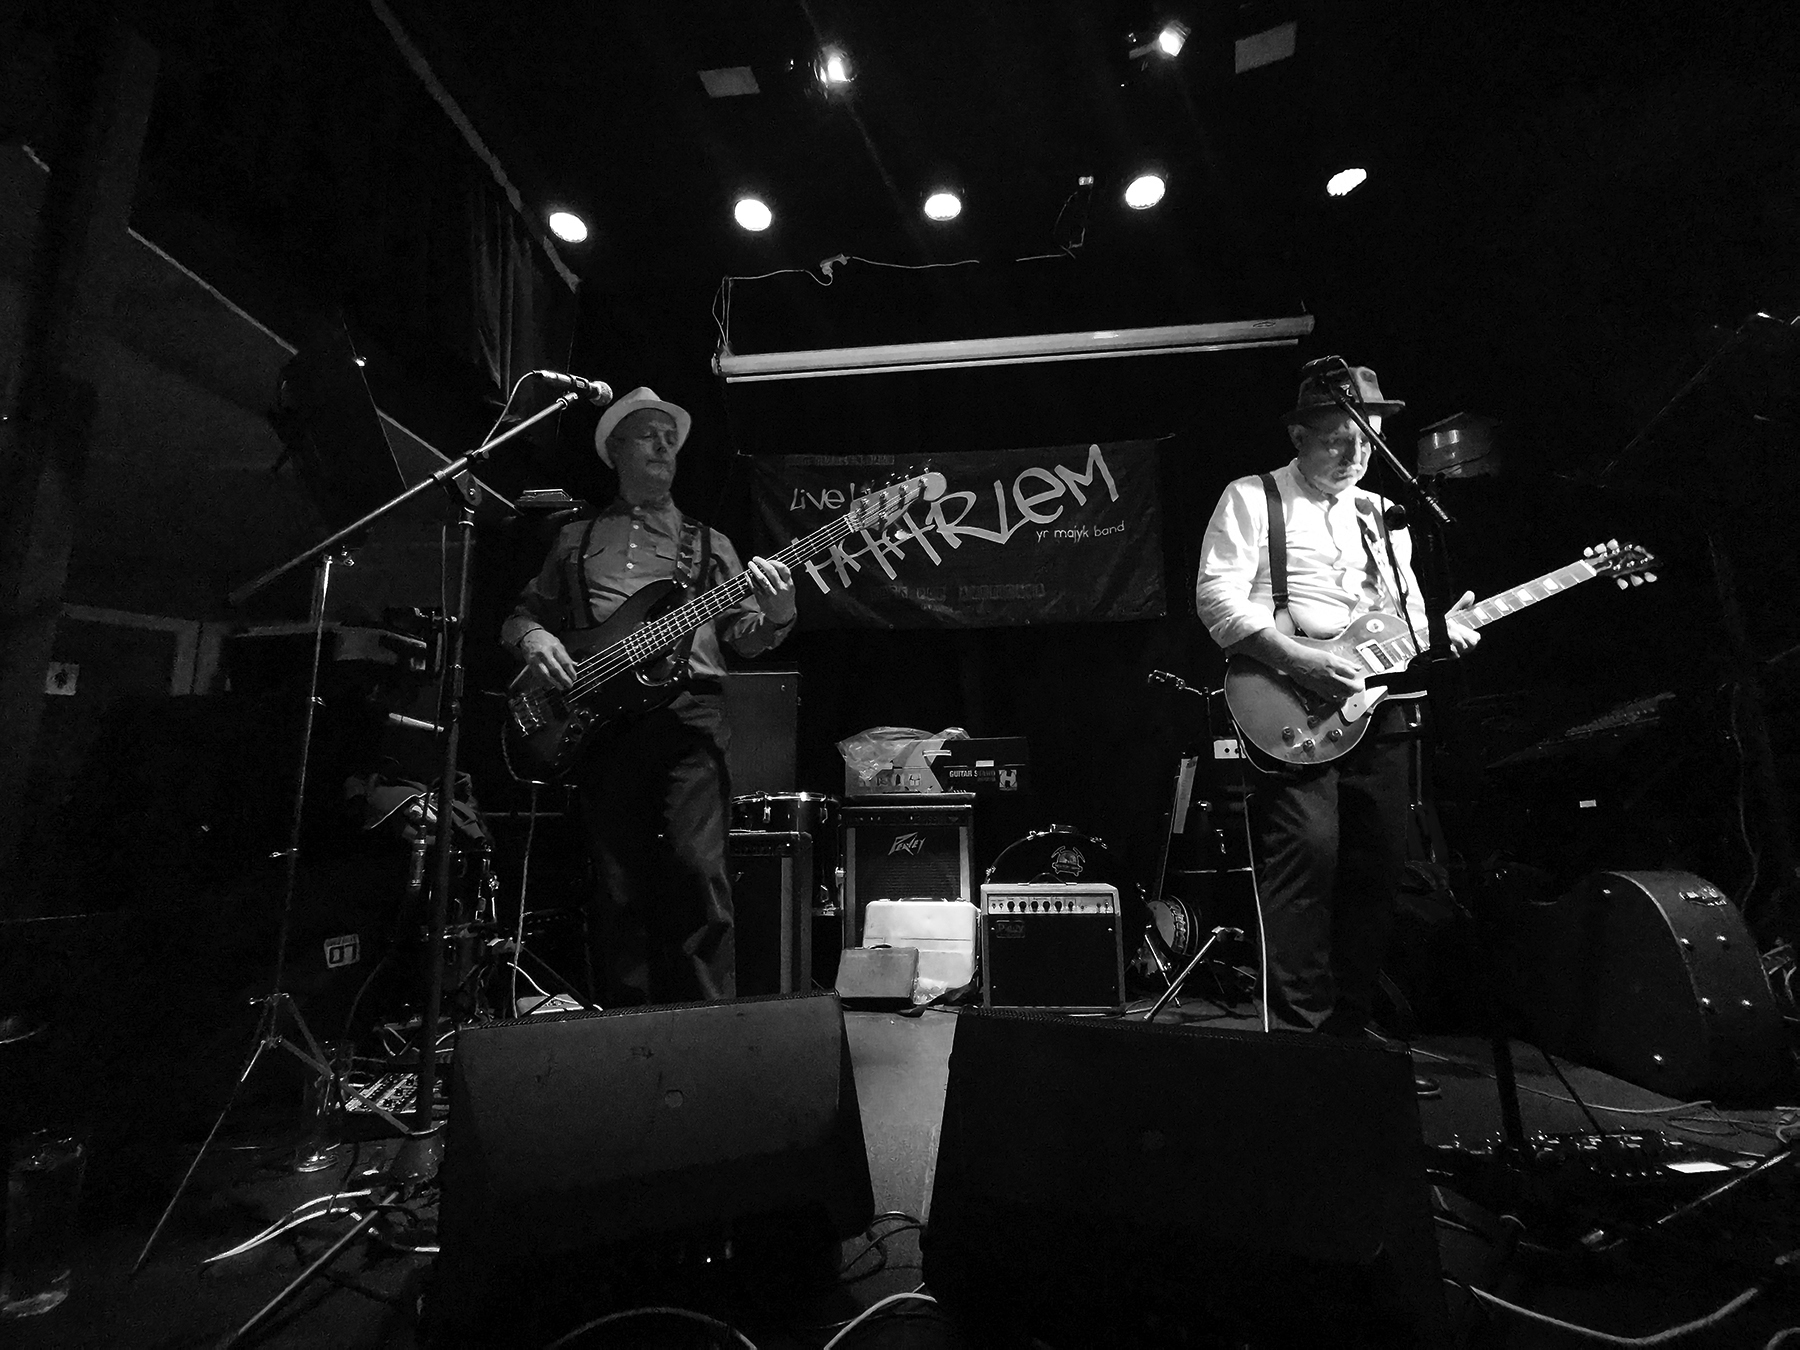 Haarlem on stage